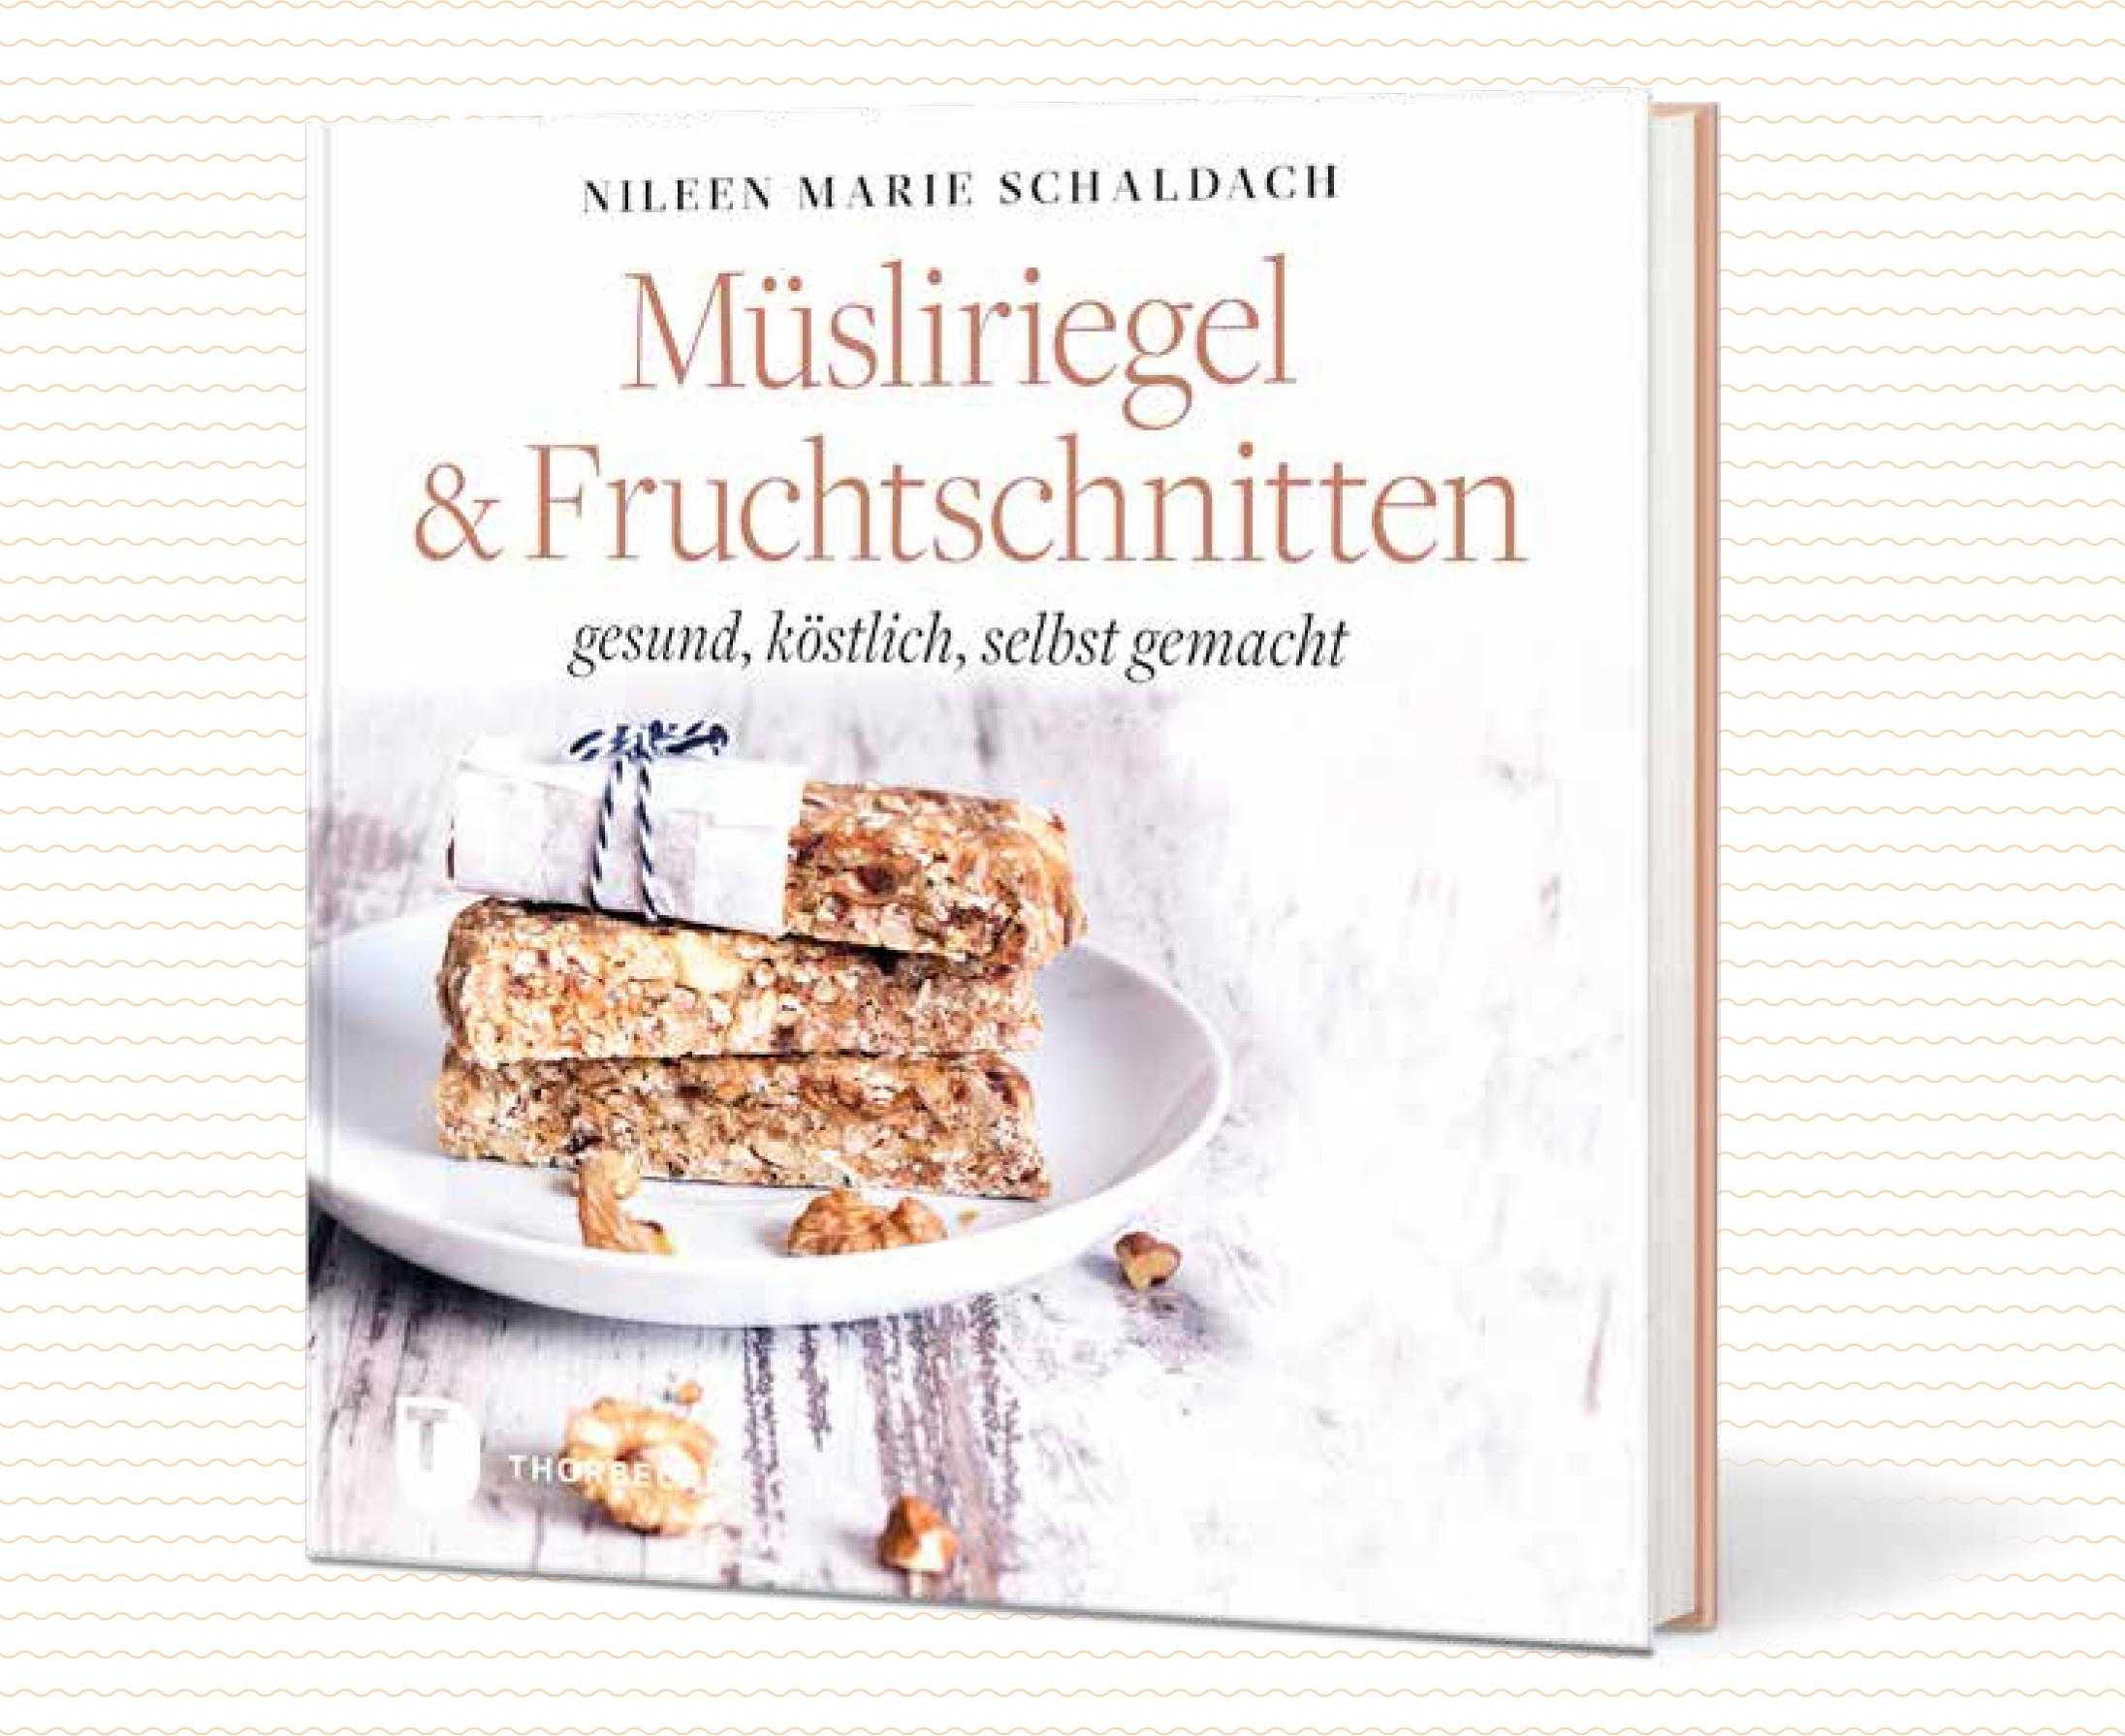 Müsliriegel & Fruchtschnitten Nileen Marie Schaldach Thorbecke Verlag